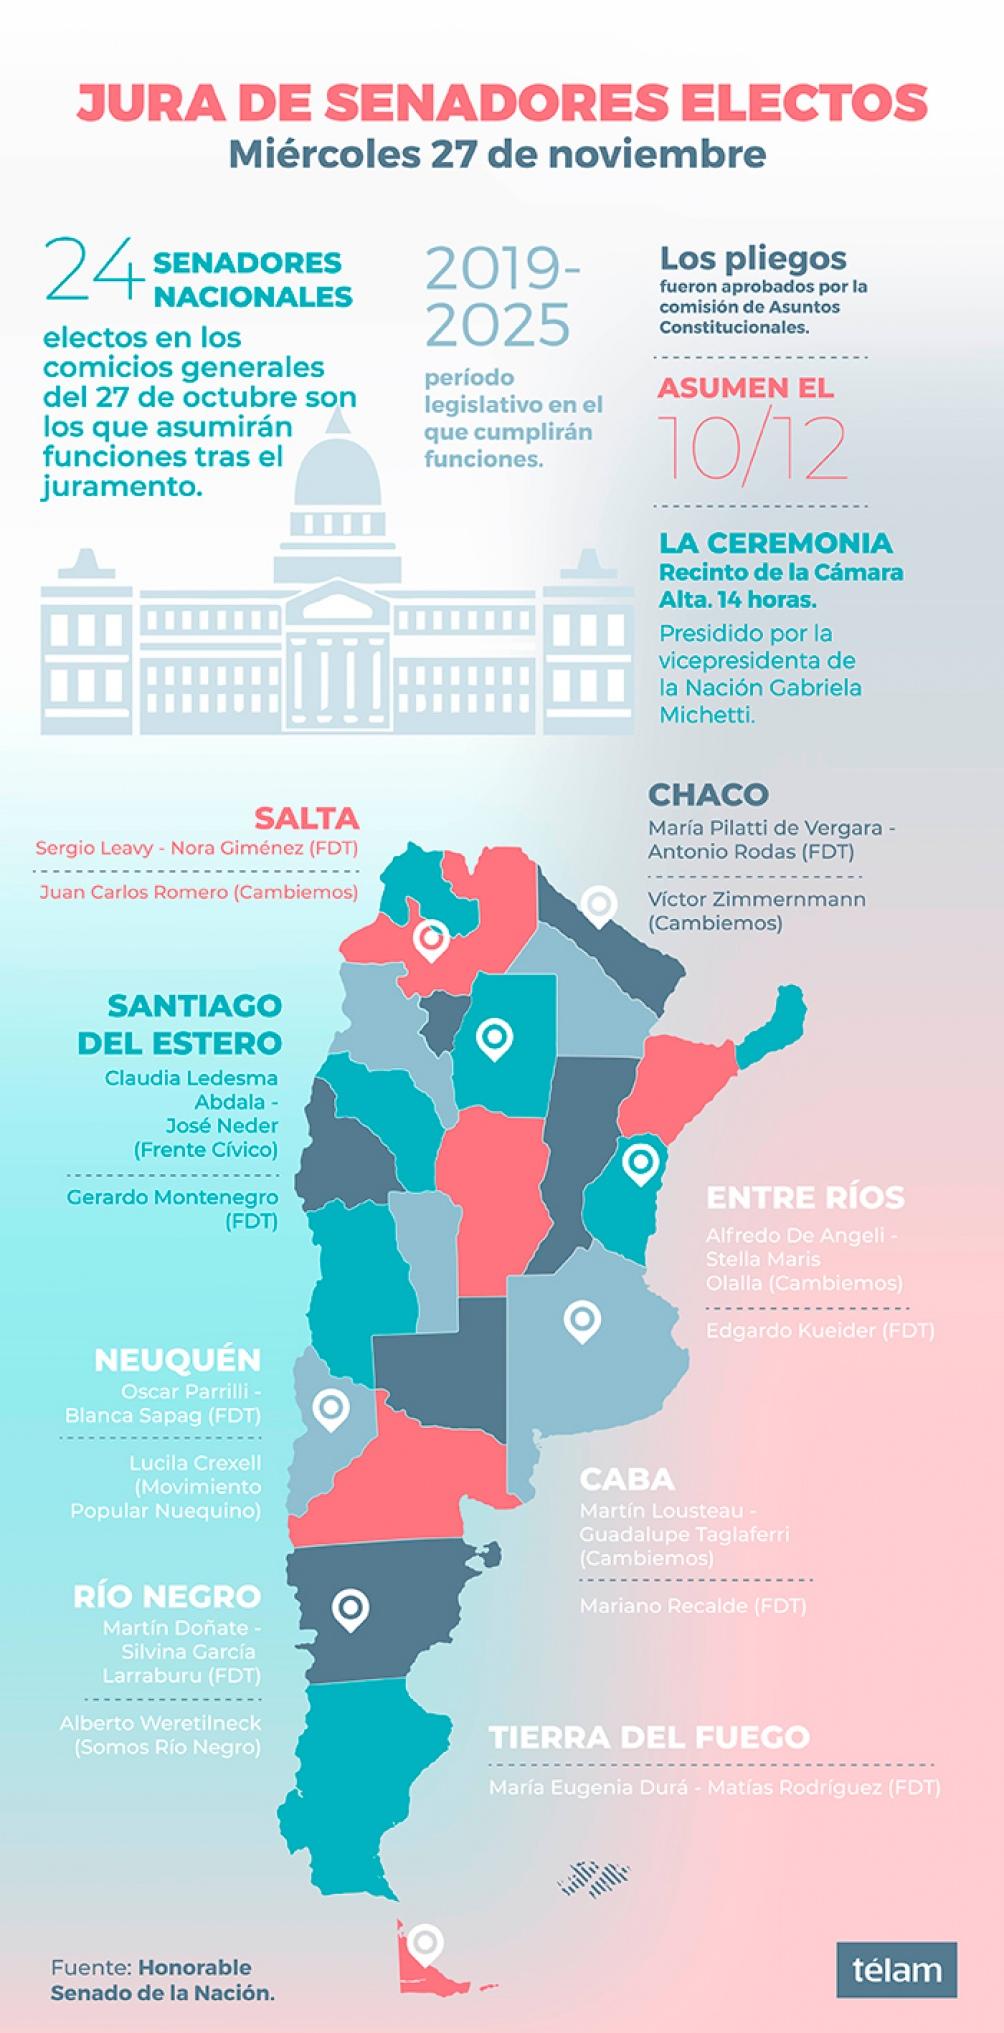 CONGRESO DE LA NACIÓN: Juran los 24 senadores electos en octubre y se eligen autoridades